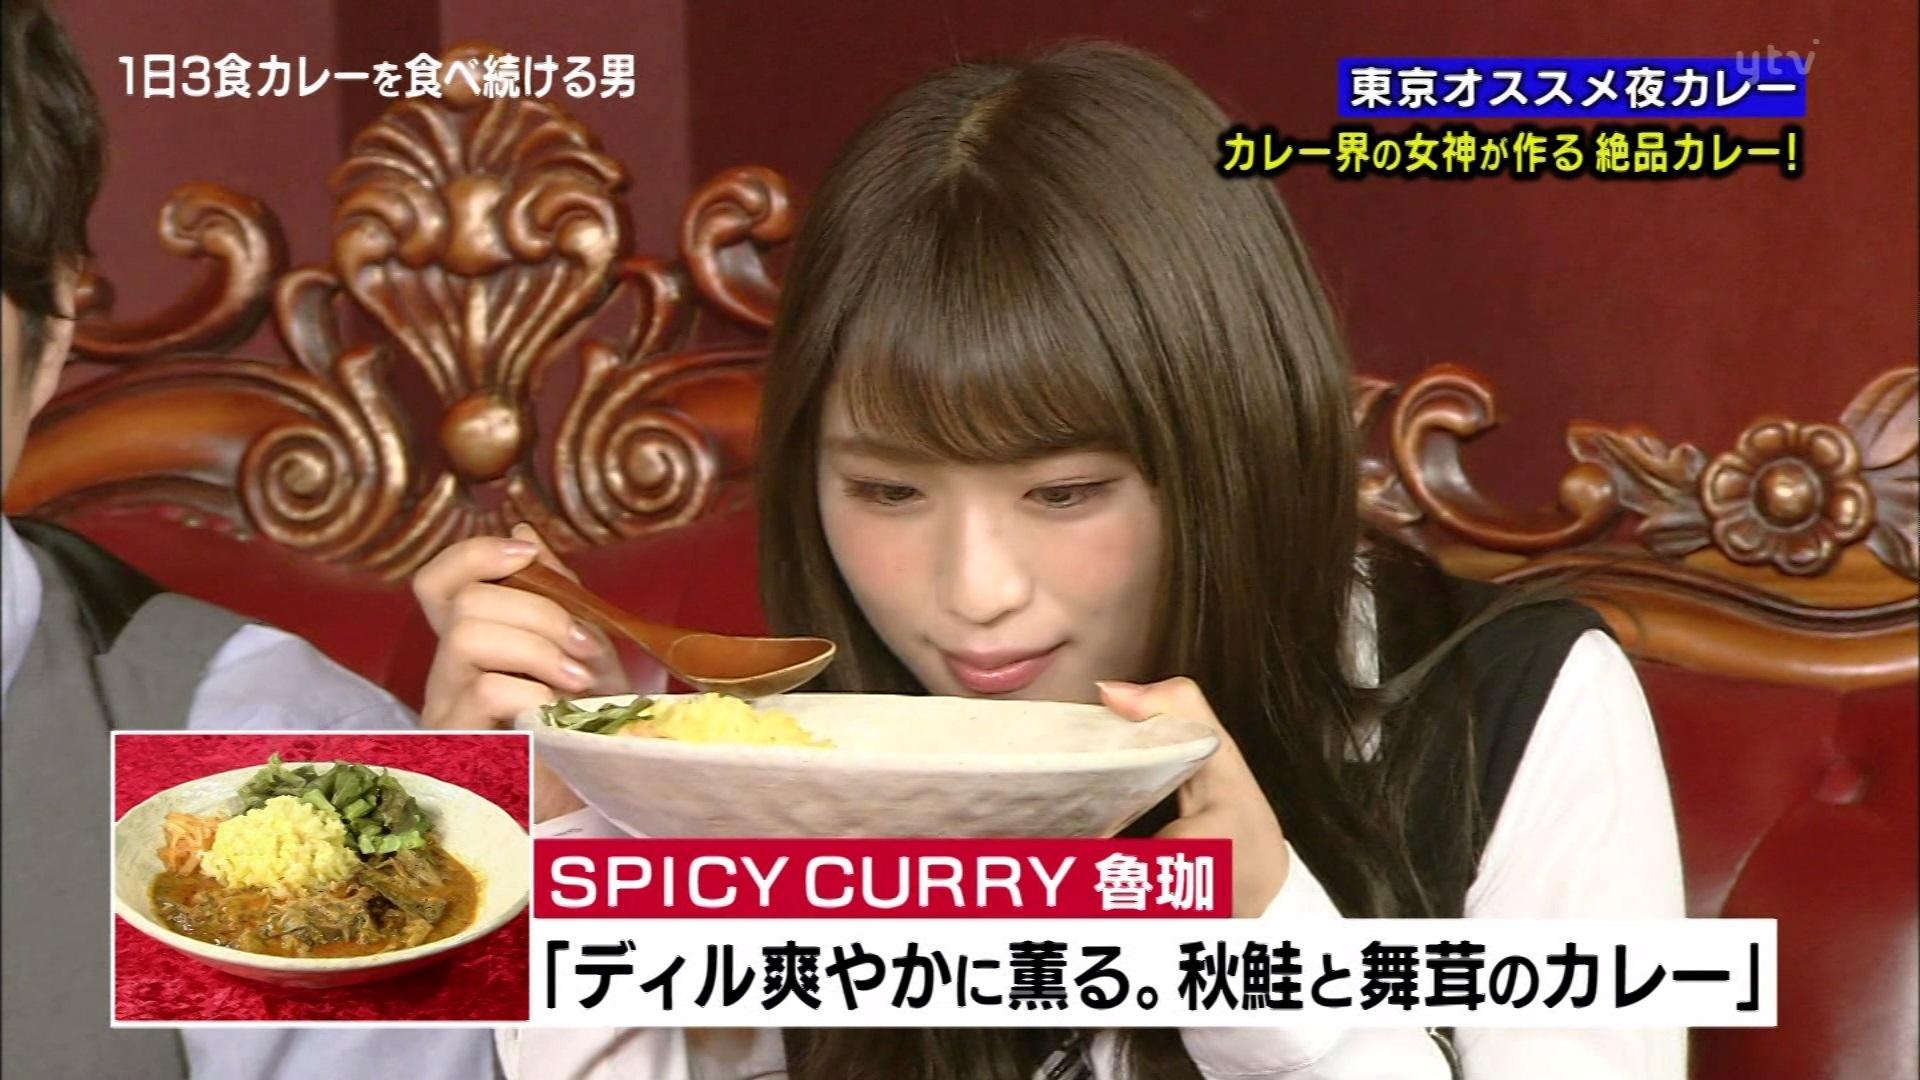 【渋谷凪咲】10月27日ワケあり!レッドゾーンキャプ画像・カレーを溺愛する音楽家。